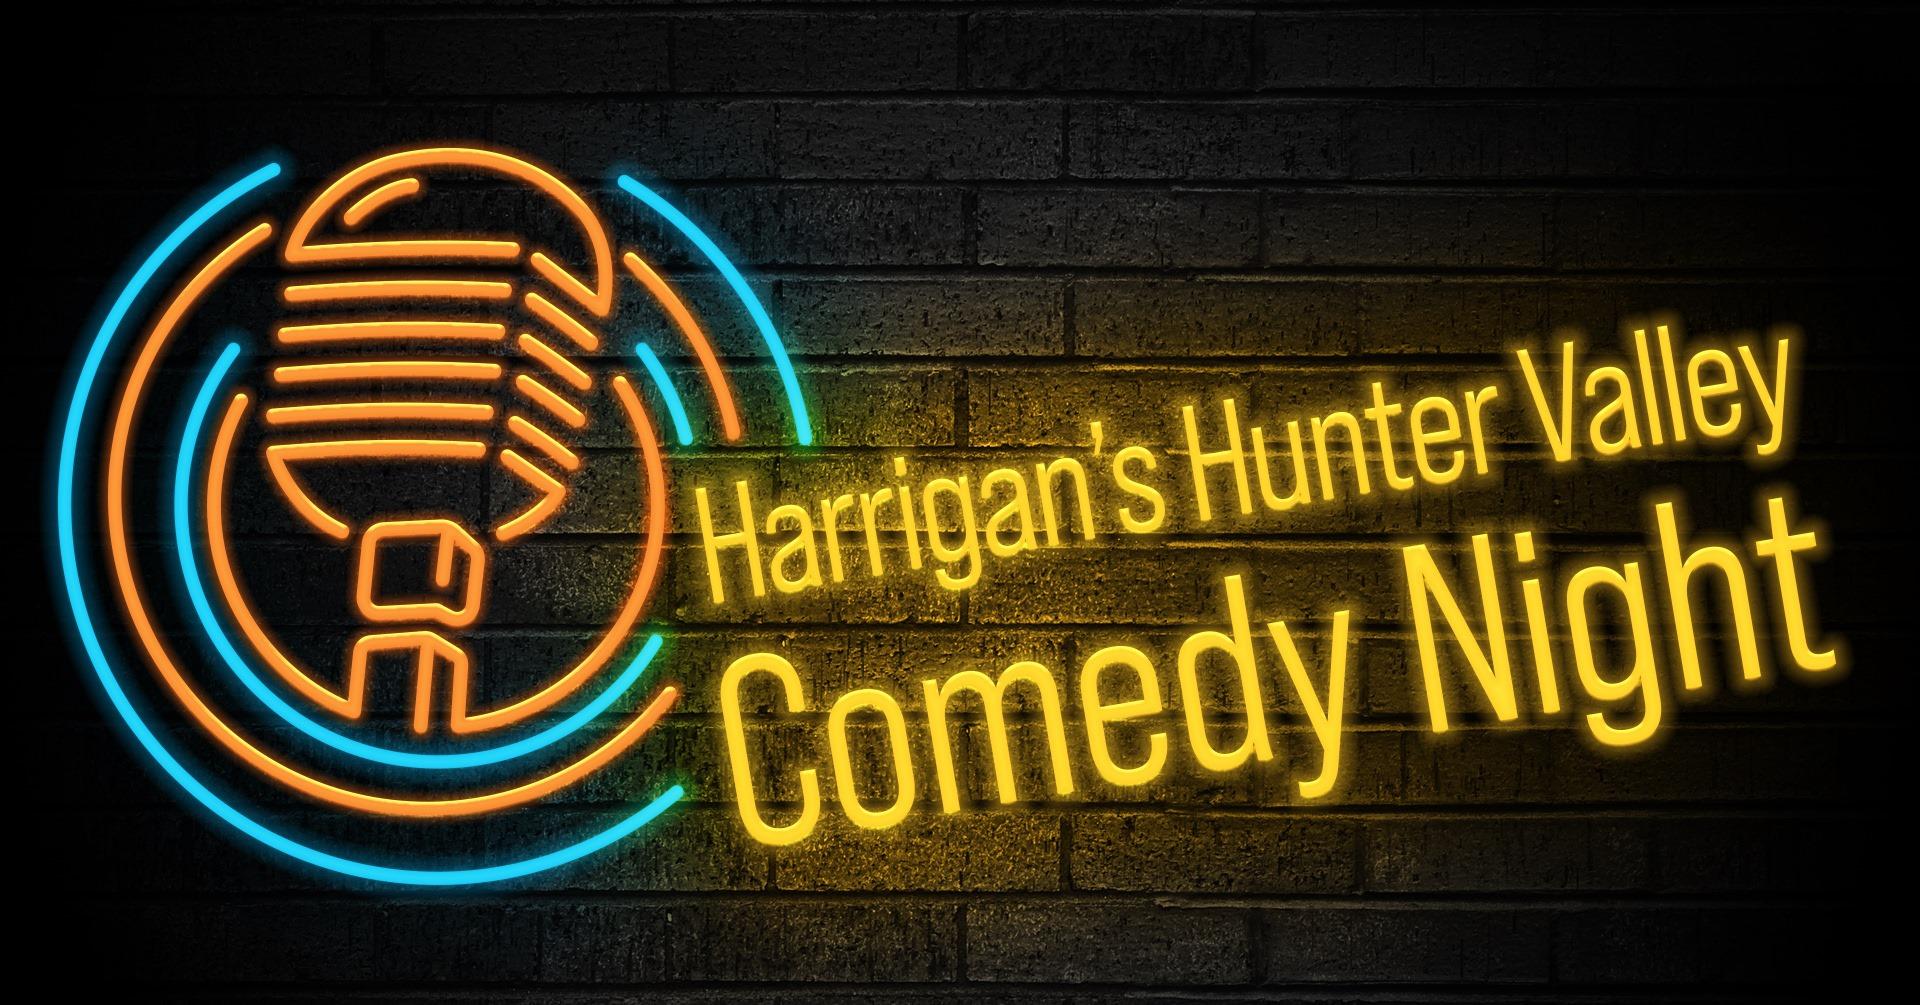 Comedy Night at Harrigan's Hunter Valley